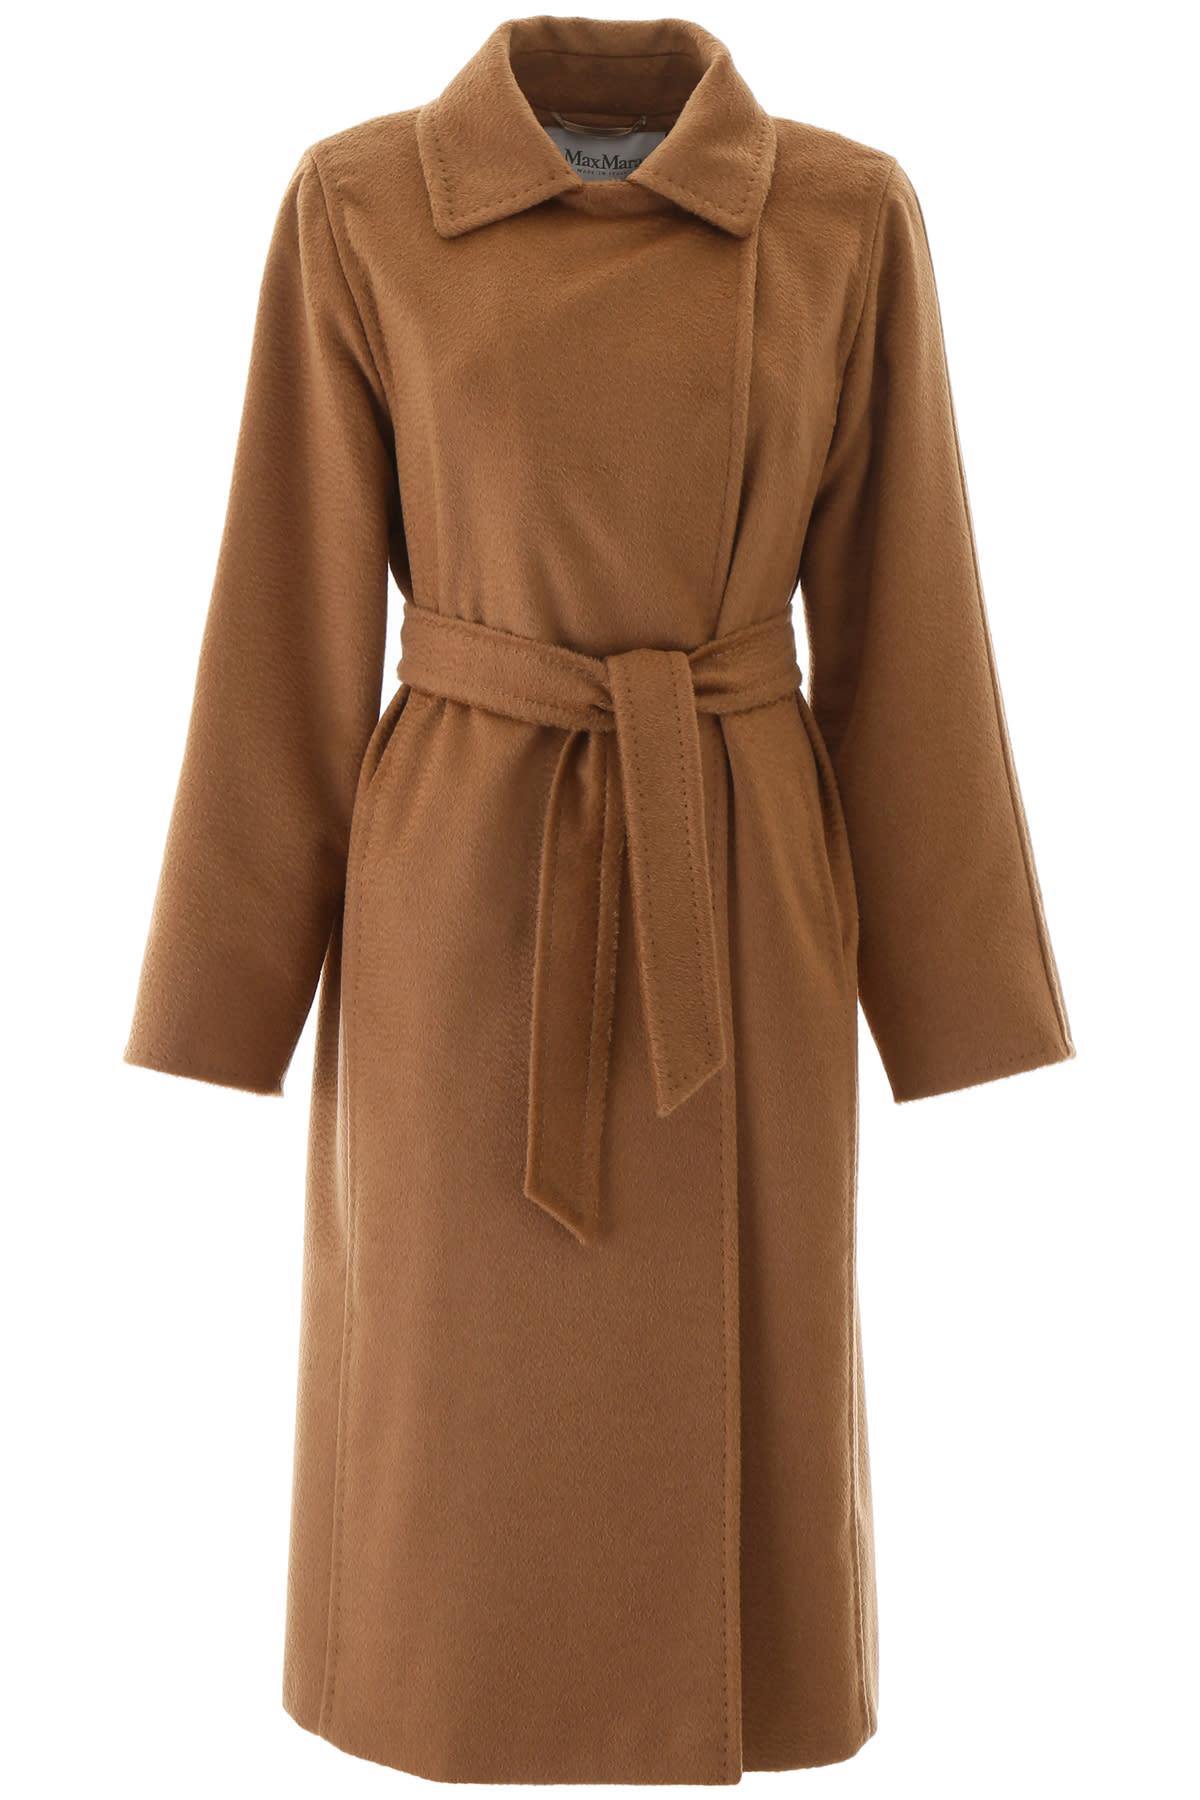 Max Mara 3manuel Coat